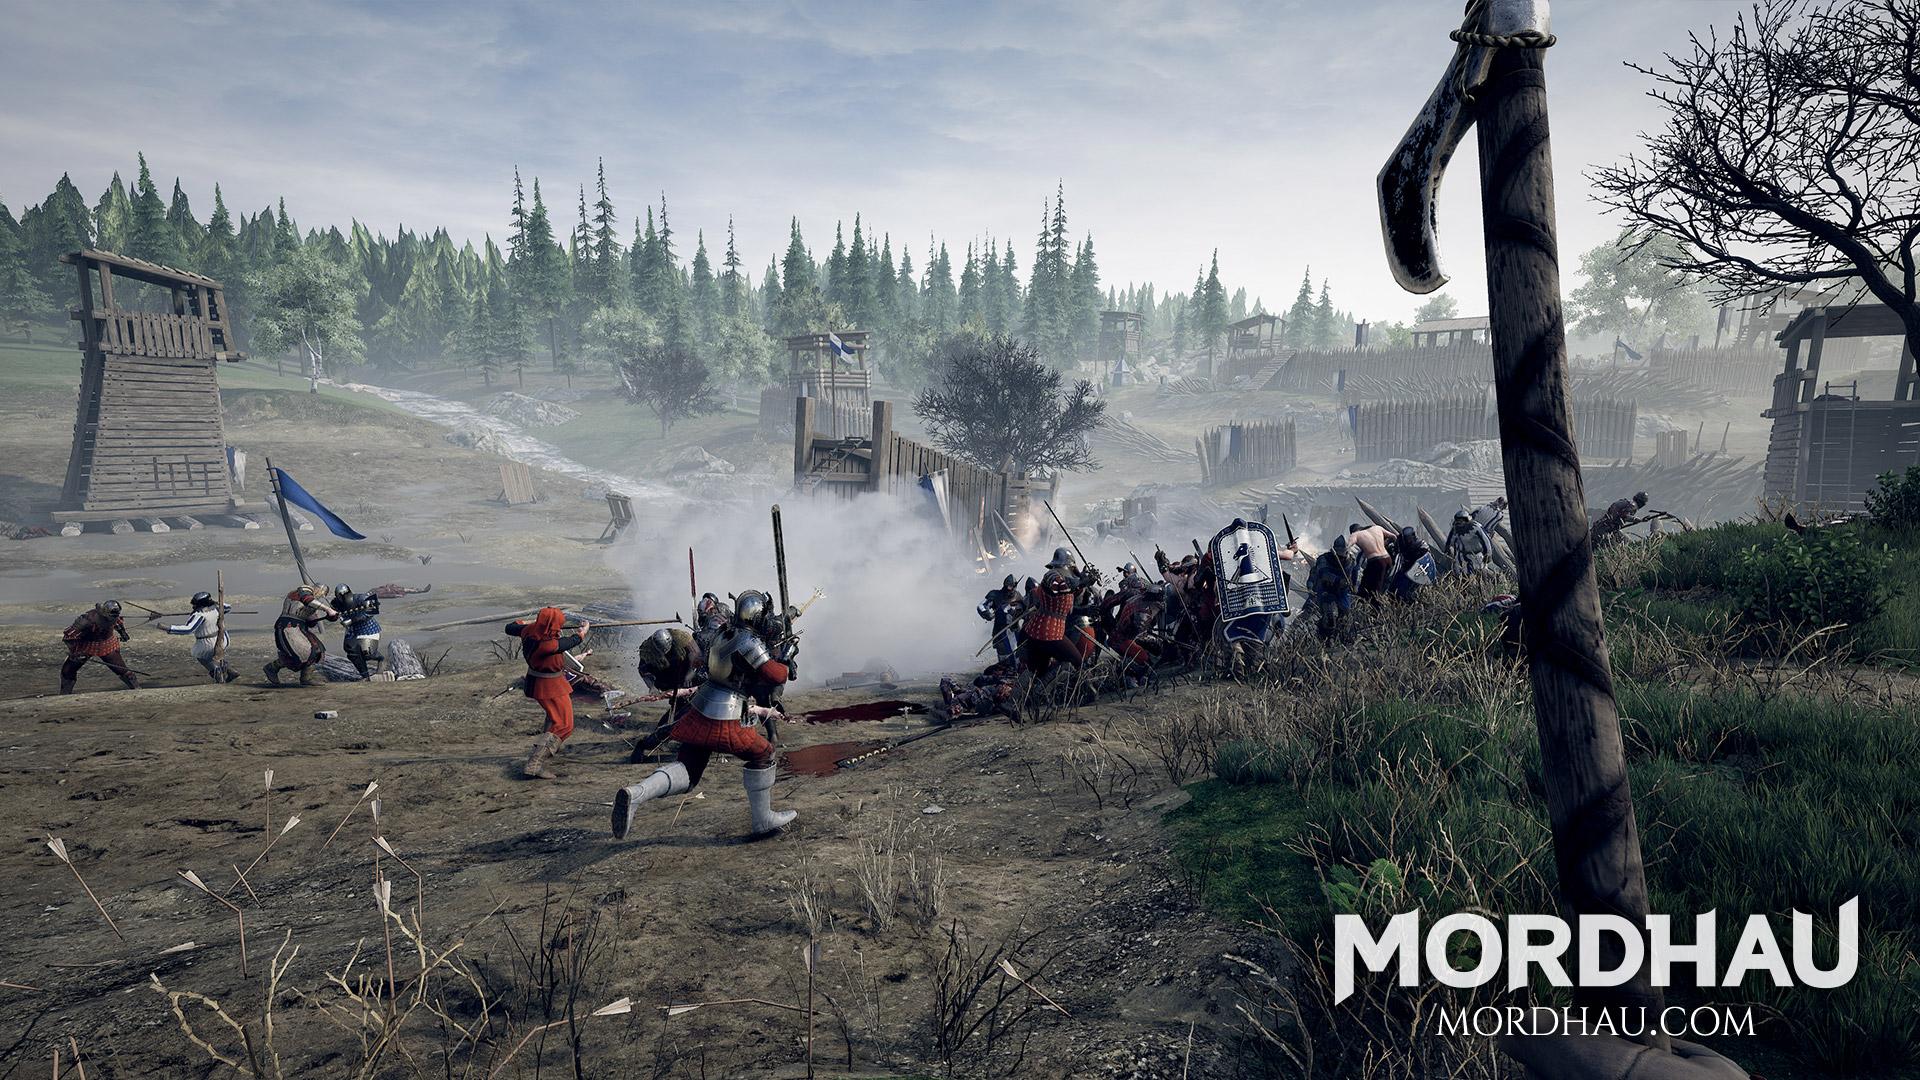 mordhau game